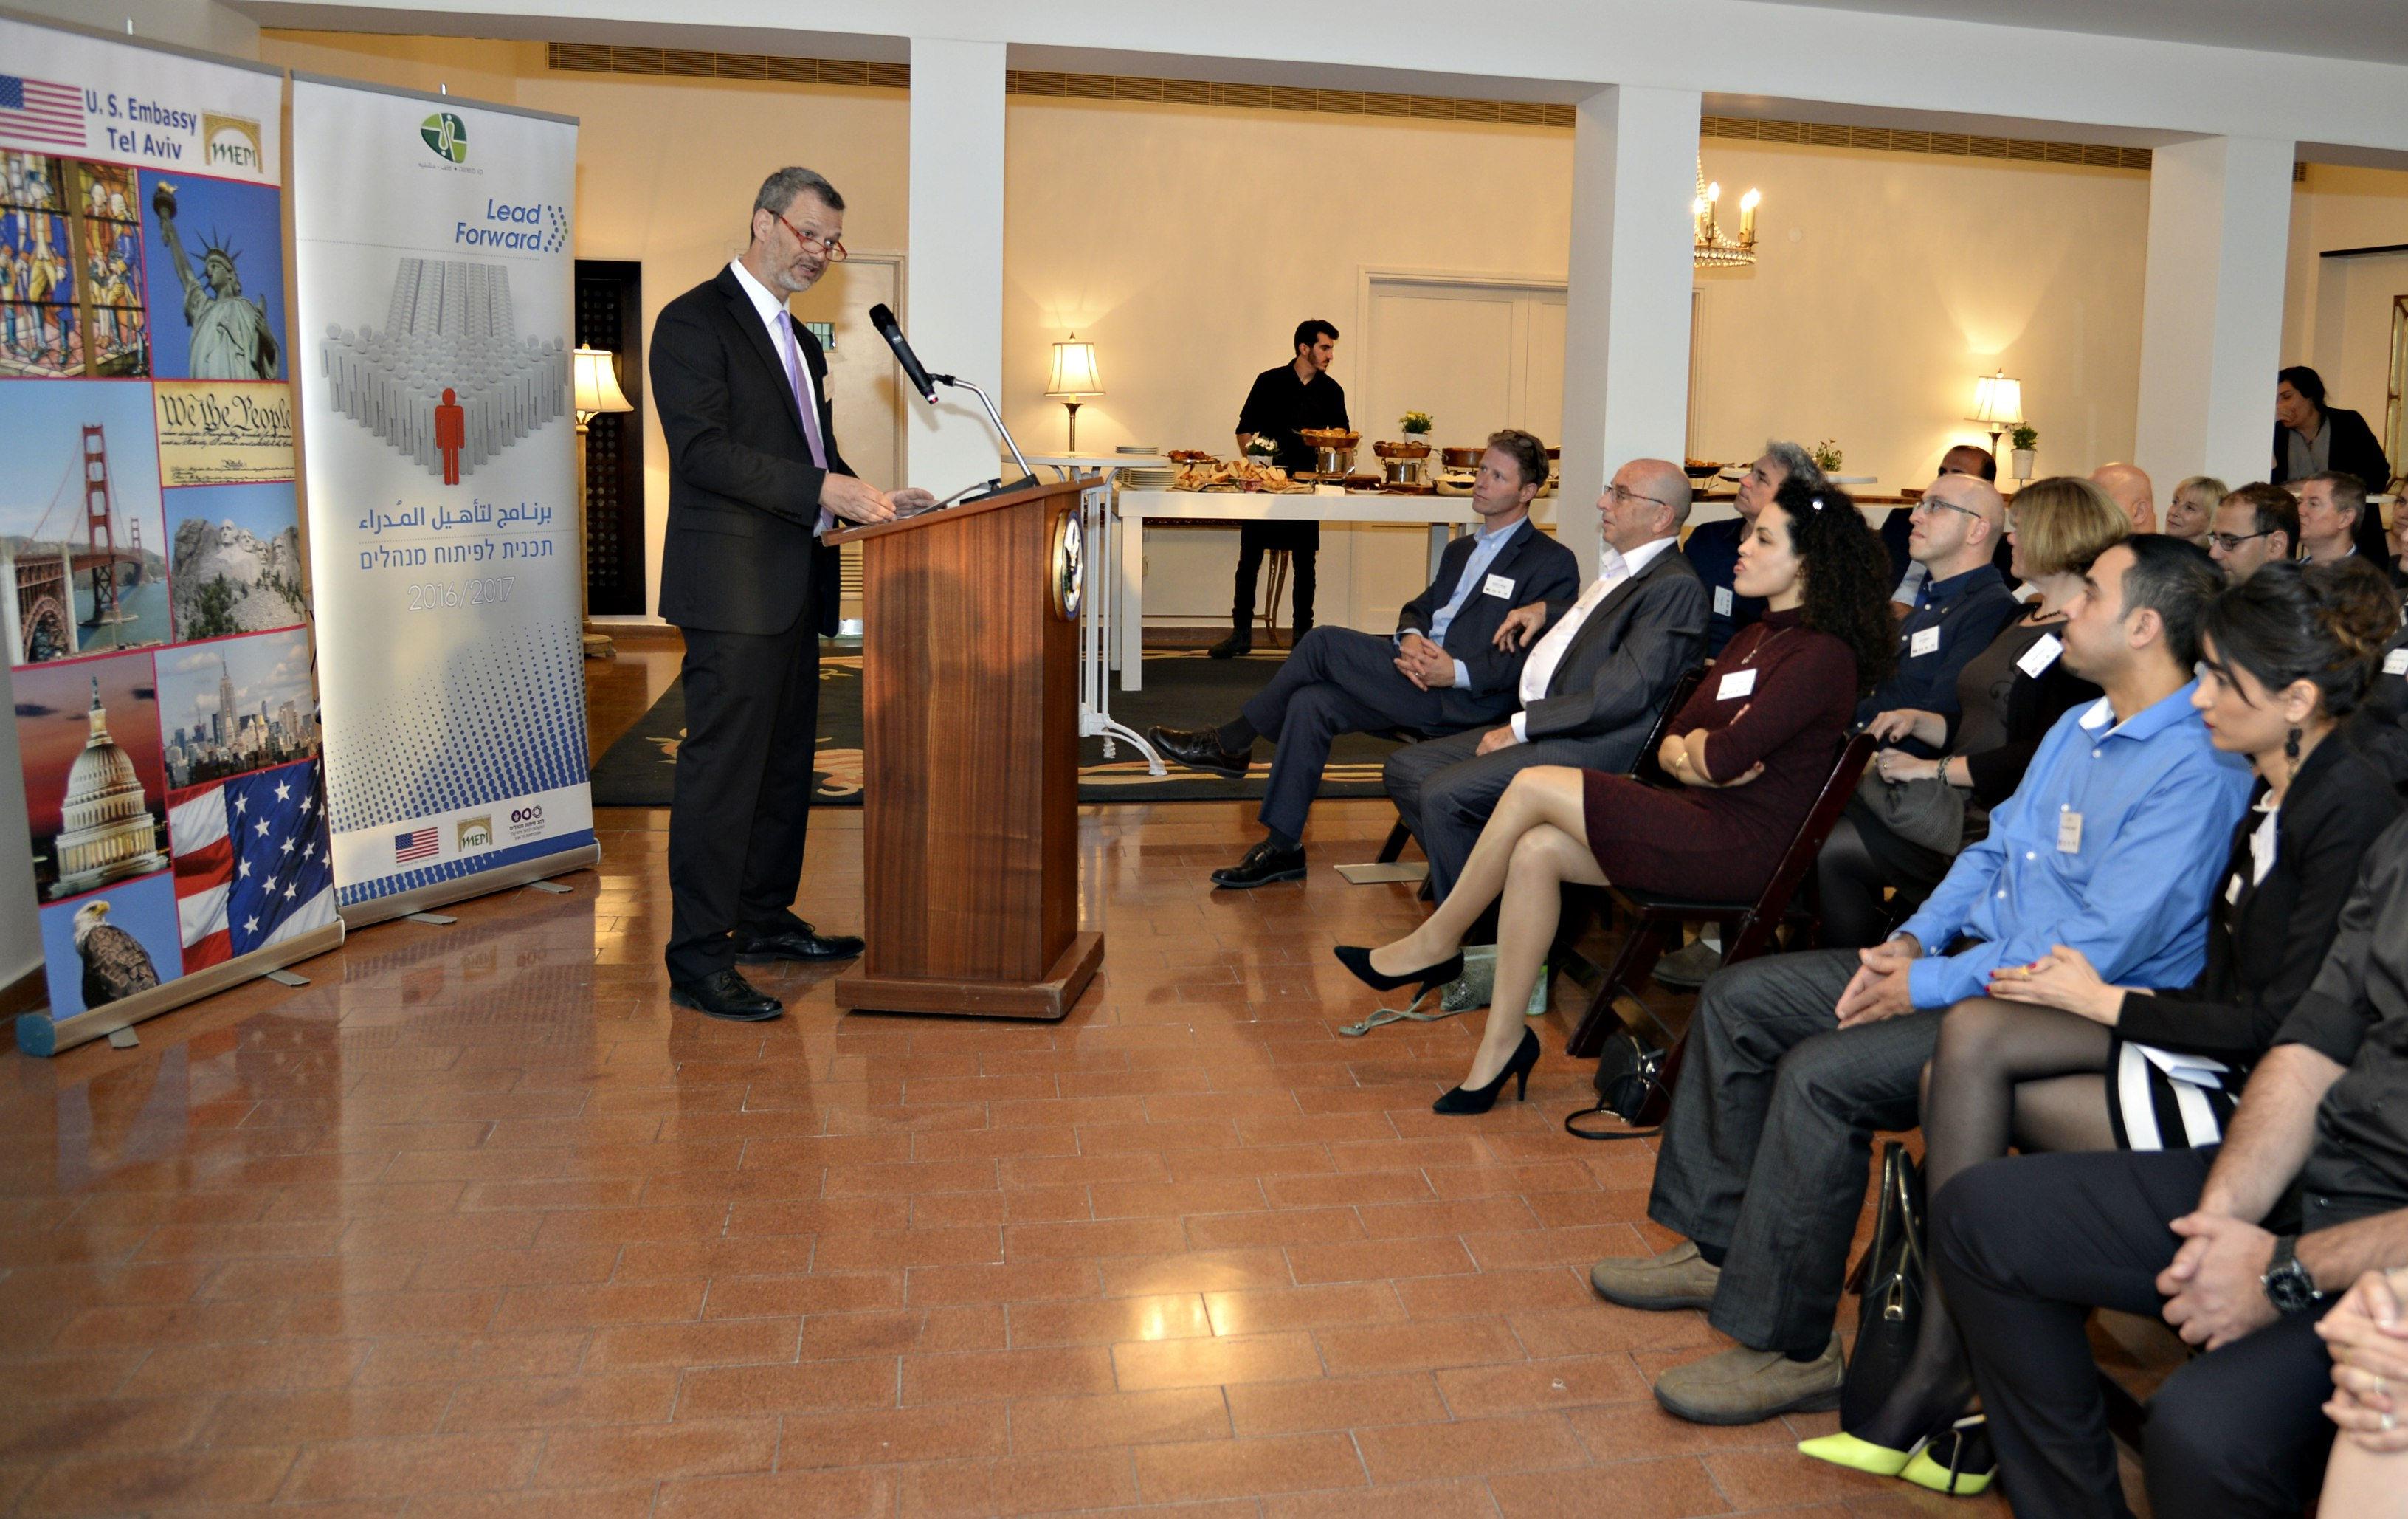 צעירים ערבים מקבלים מענק דחיפה לעולם העסקי